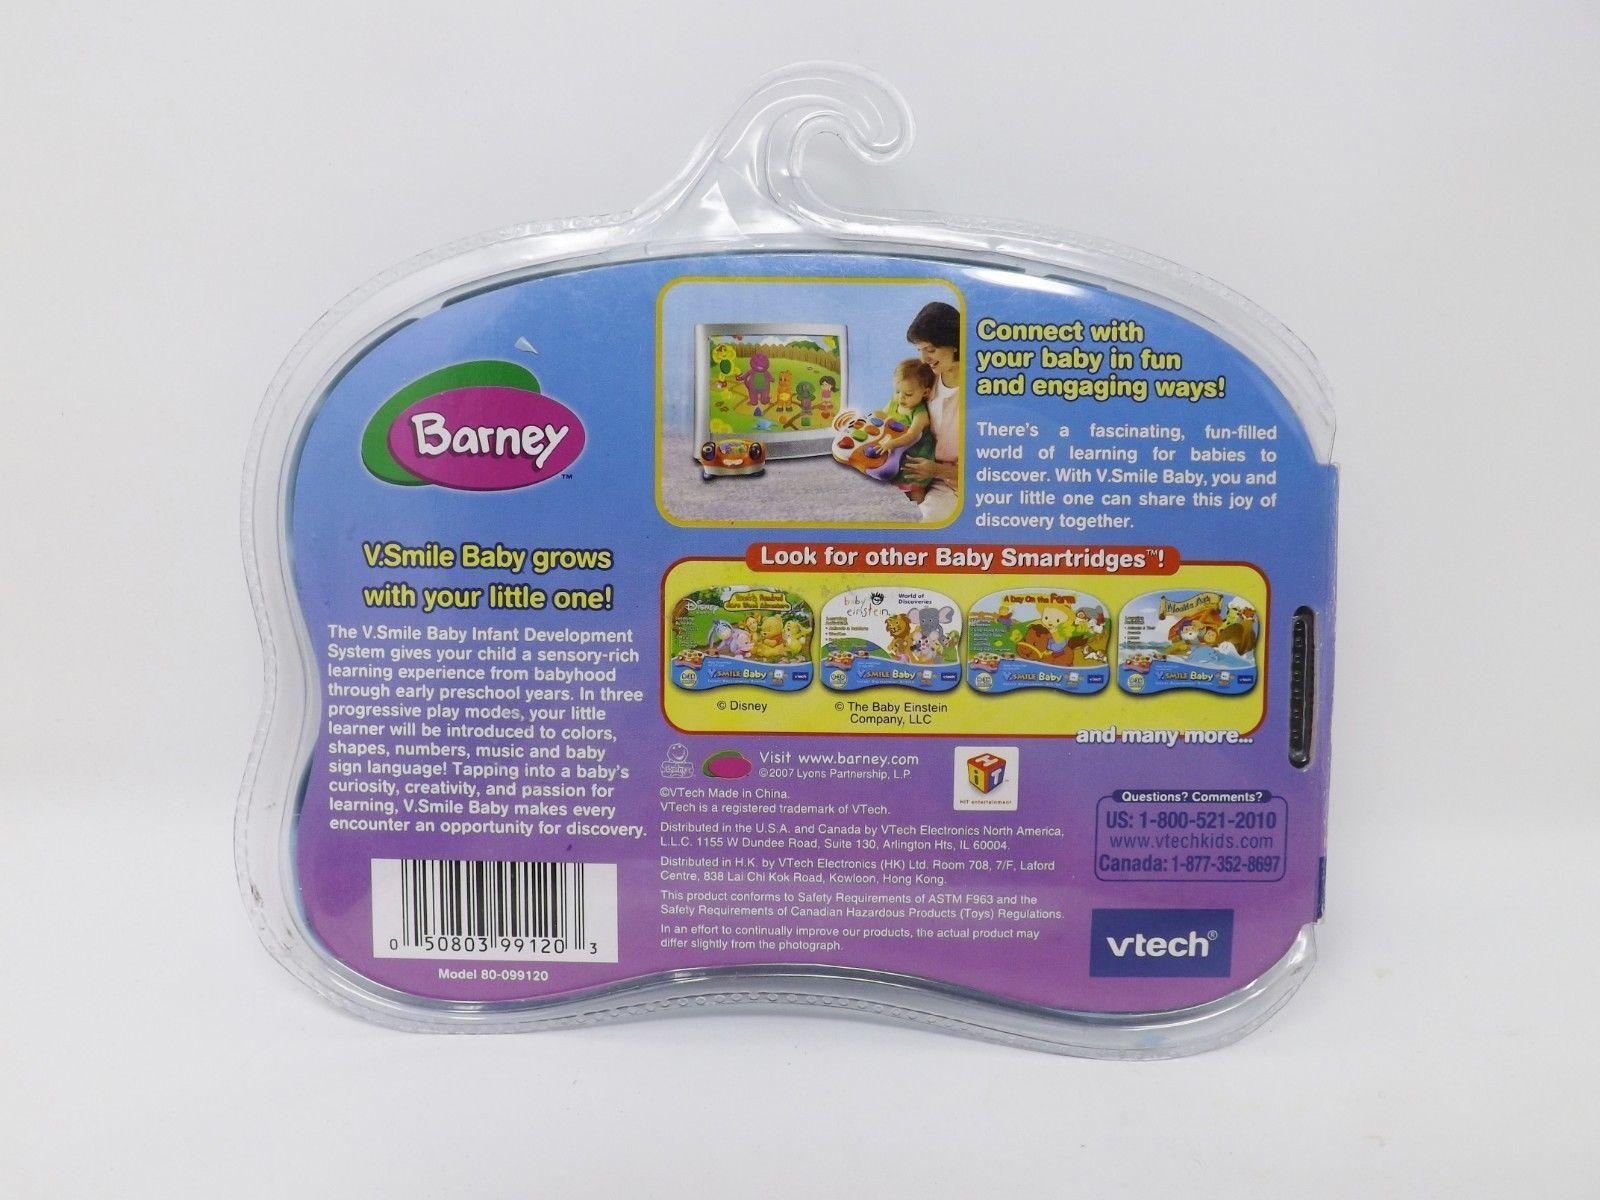 Vtech V.Smile Baby Infant Development System - Noah's Ark Animal Adventures